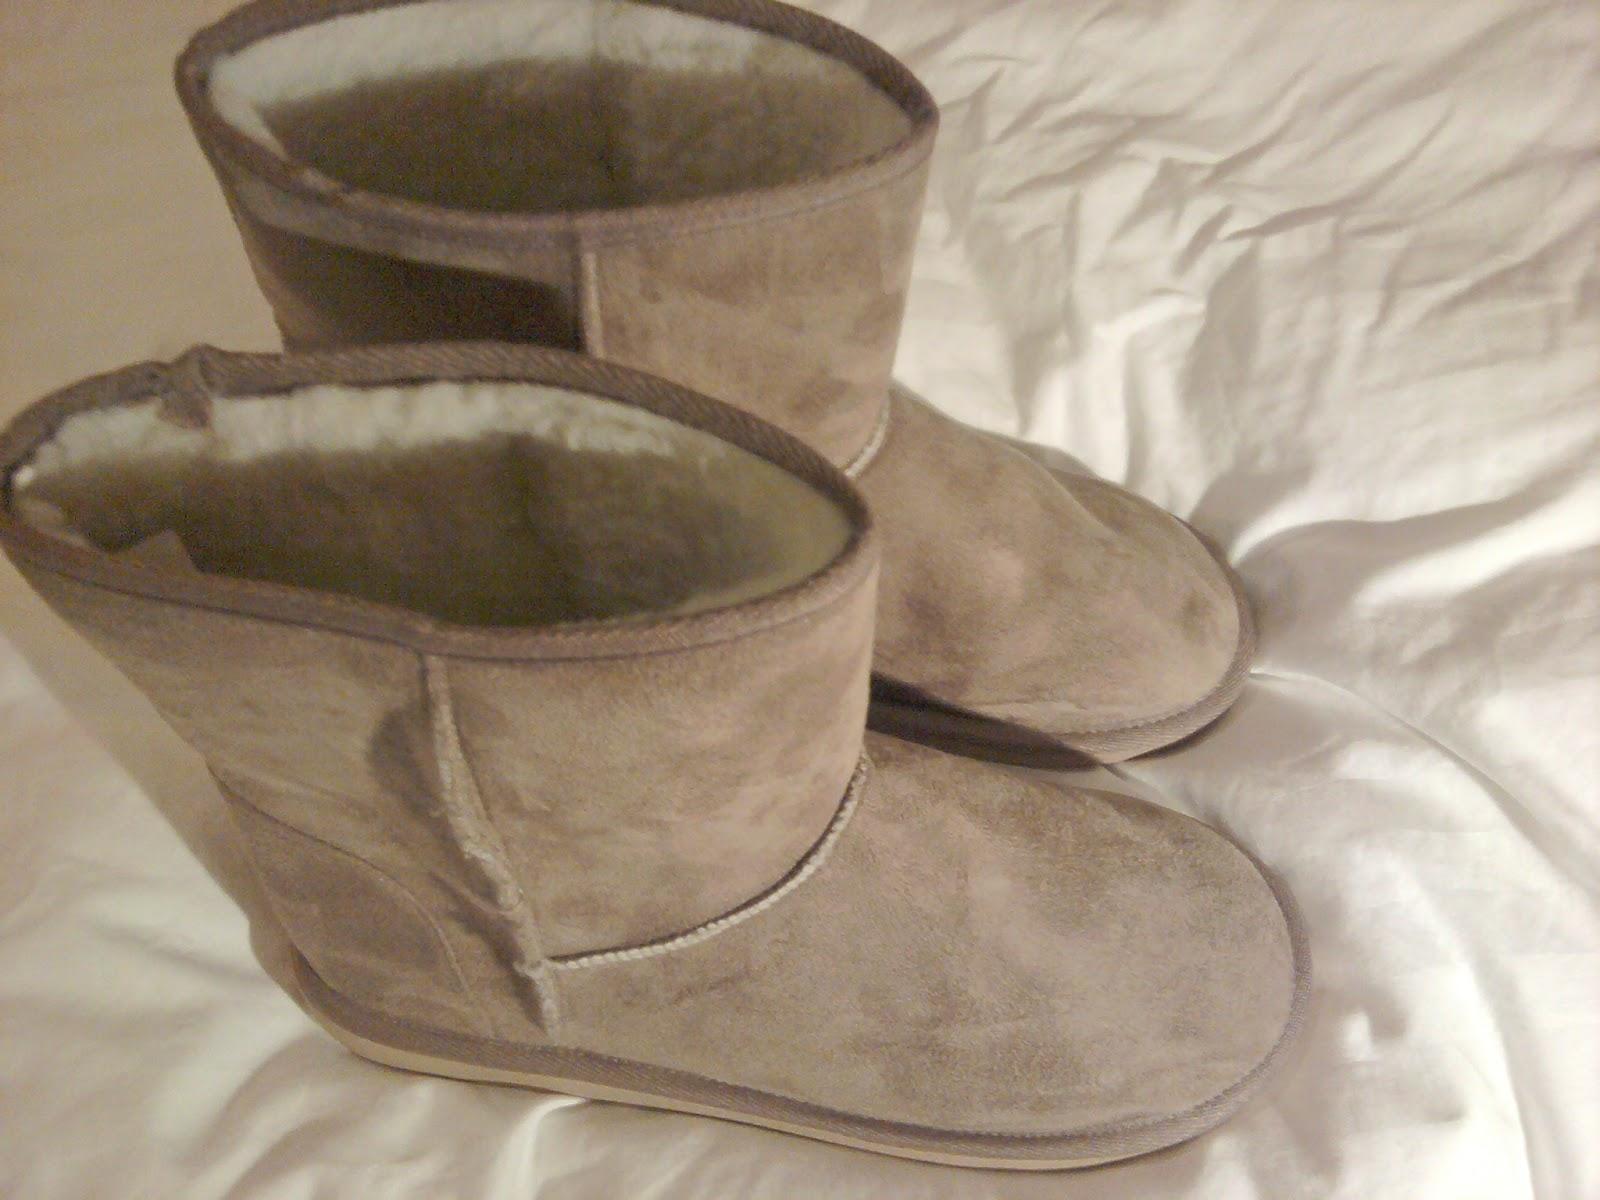 http://2.bp.blogspot.com/-Bclvypgu-fA/T3WFabzz6hI/AAAAAAAAALg/mhkGw-_E7Xo/s1600/boots.jpg